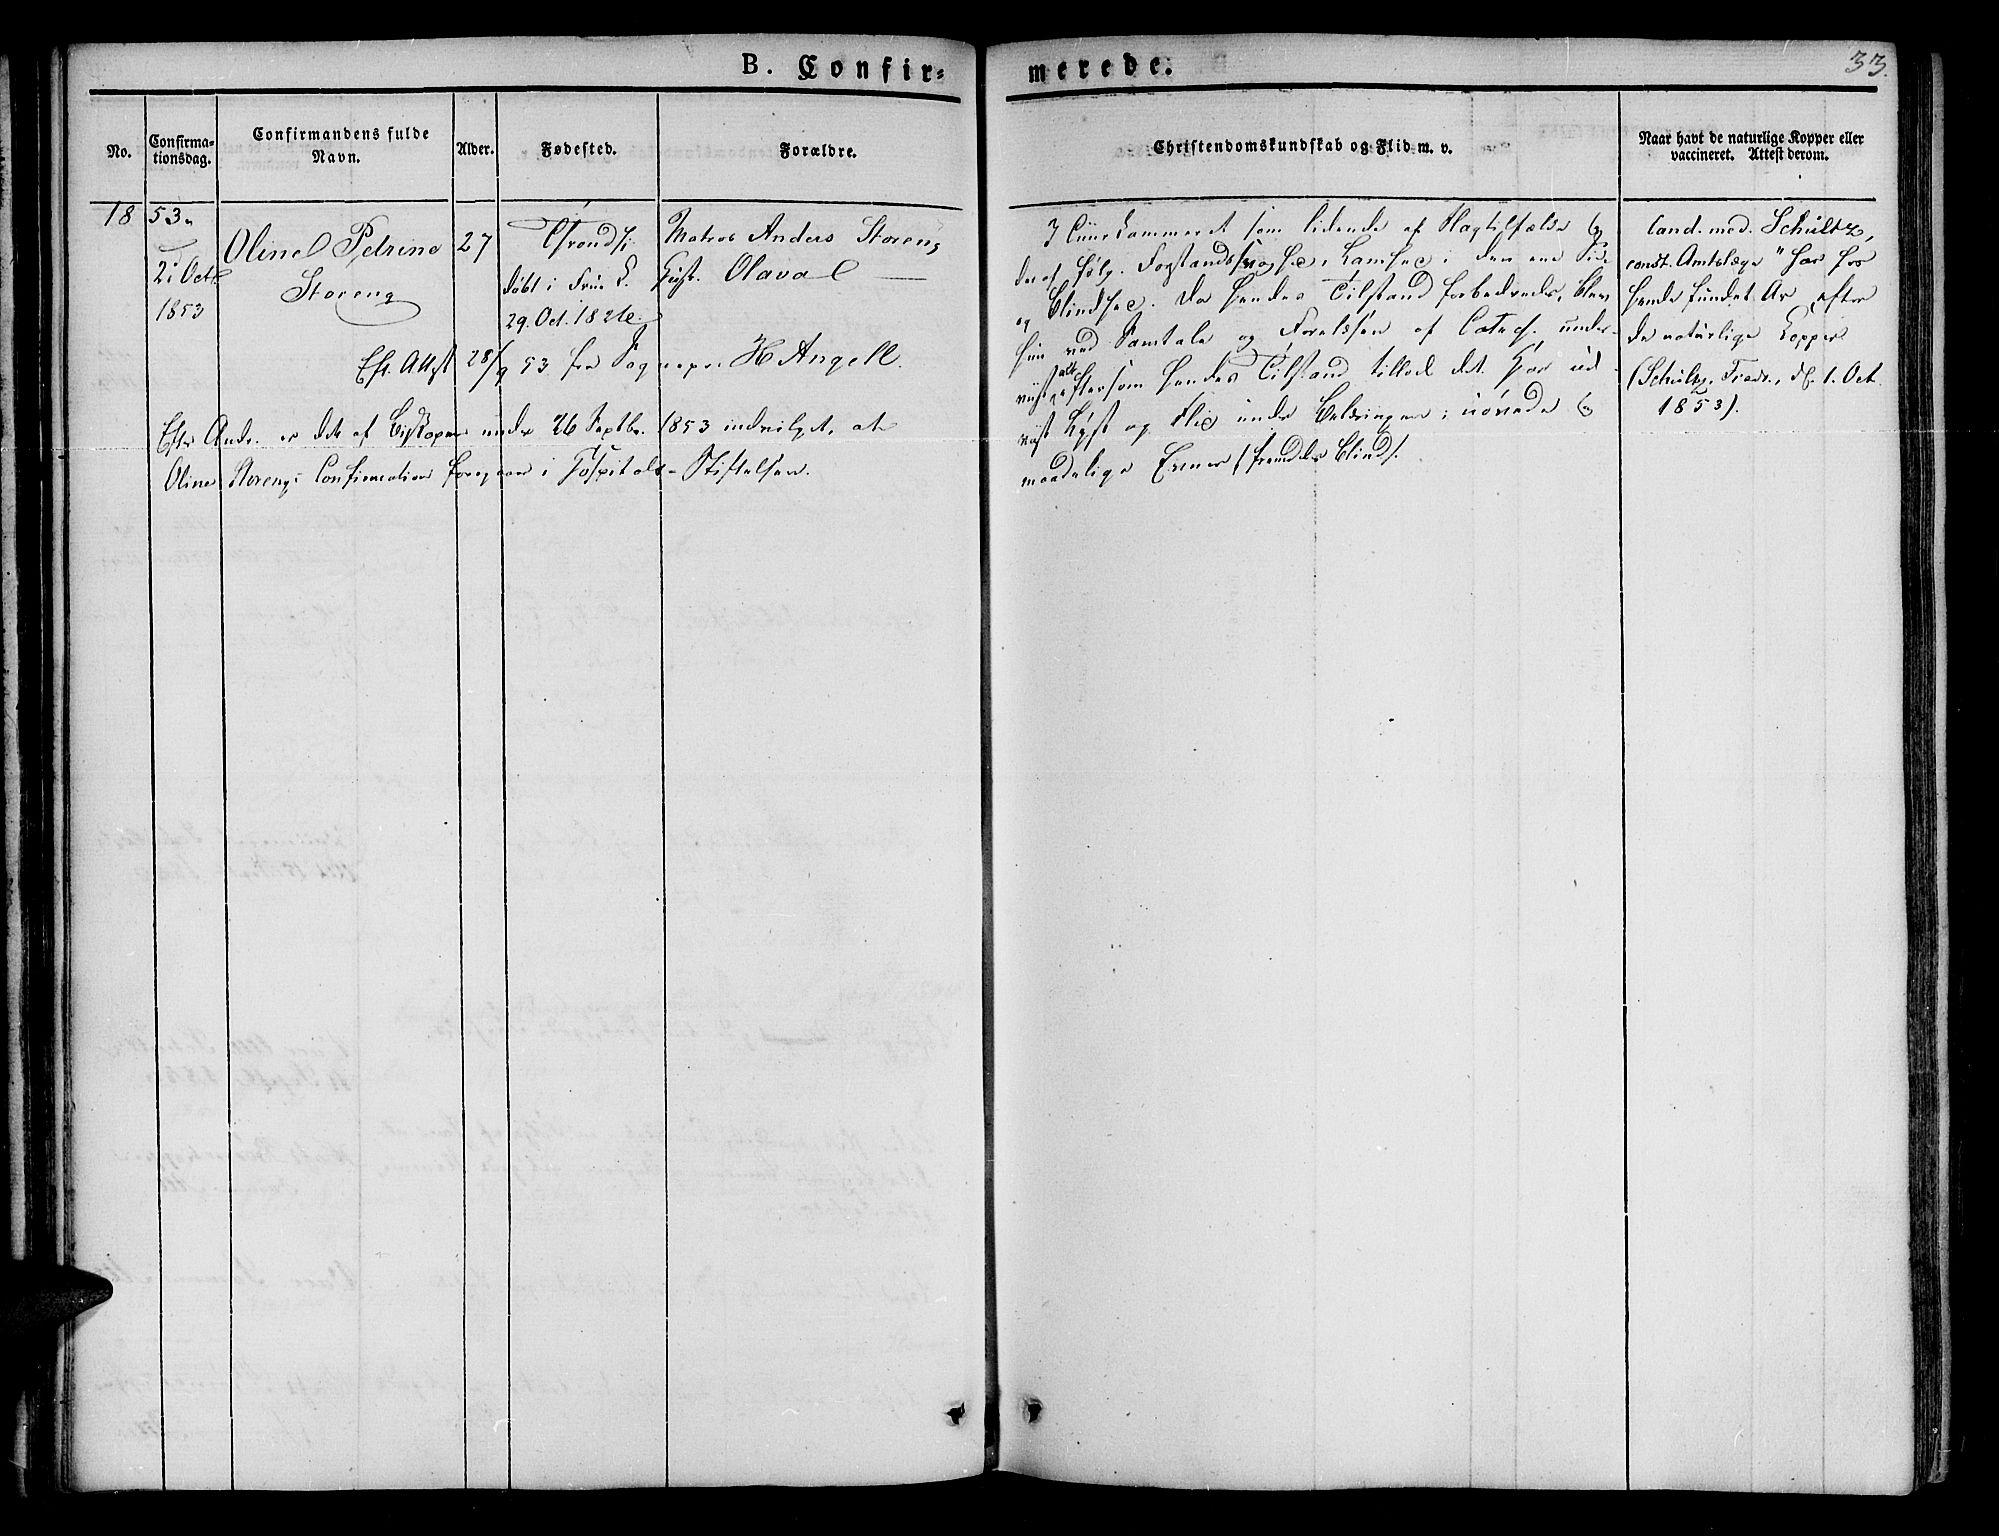 SAT, Ministerialprotokoller, klokkerbøker og fødselsregistre - Sør-Trøndelag, 623/L0468: Ministerialbok nr. 623A02, 1826-1867, s. 33